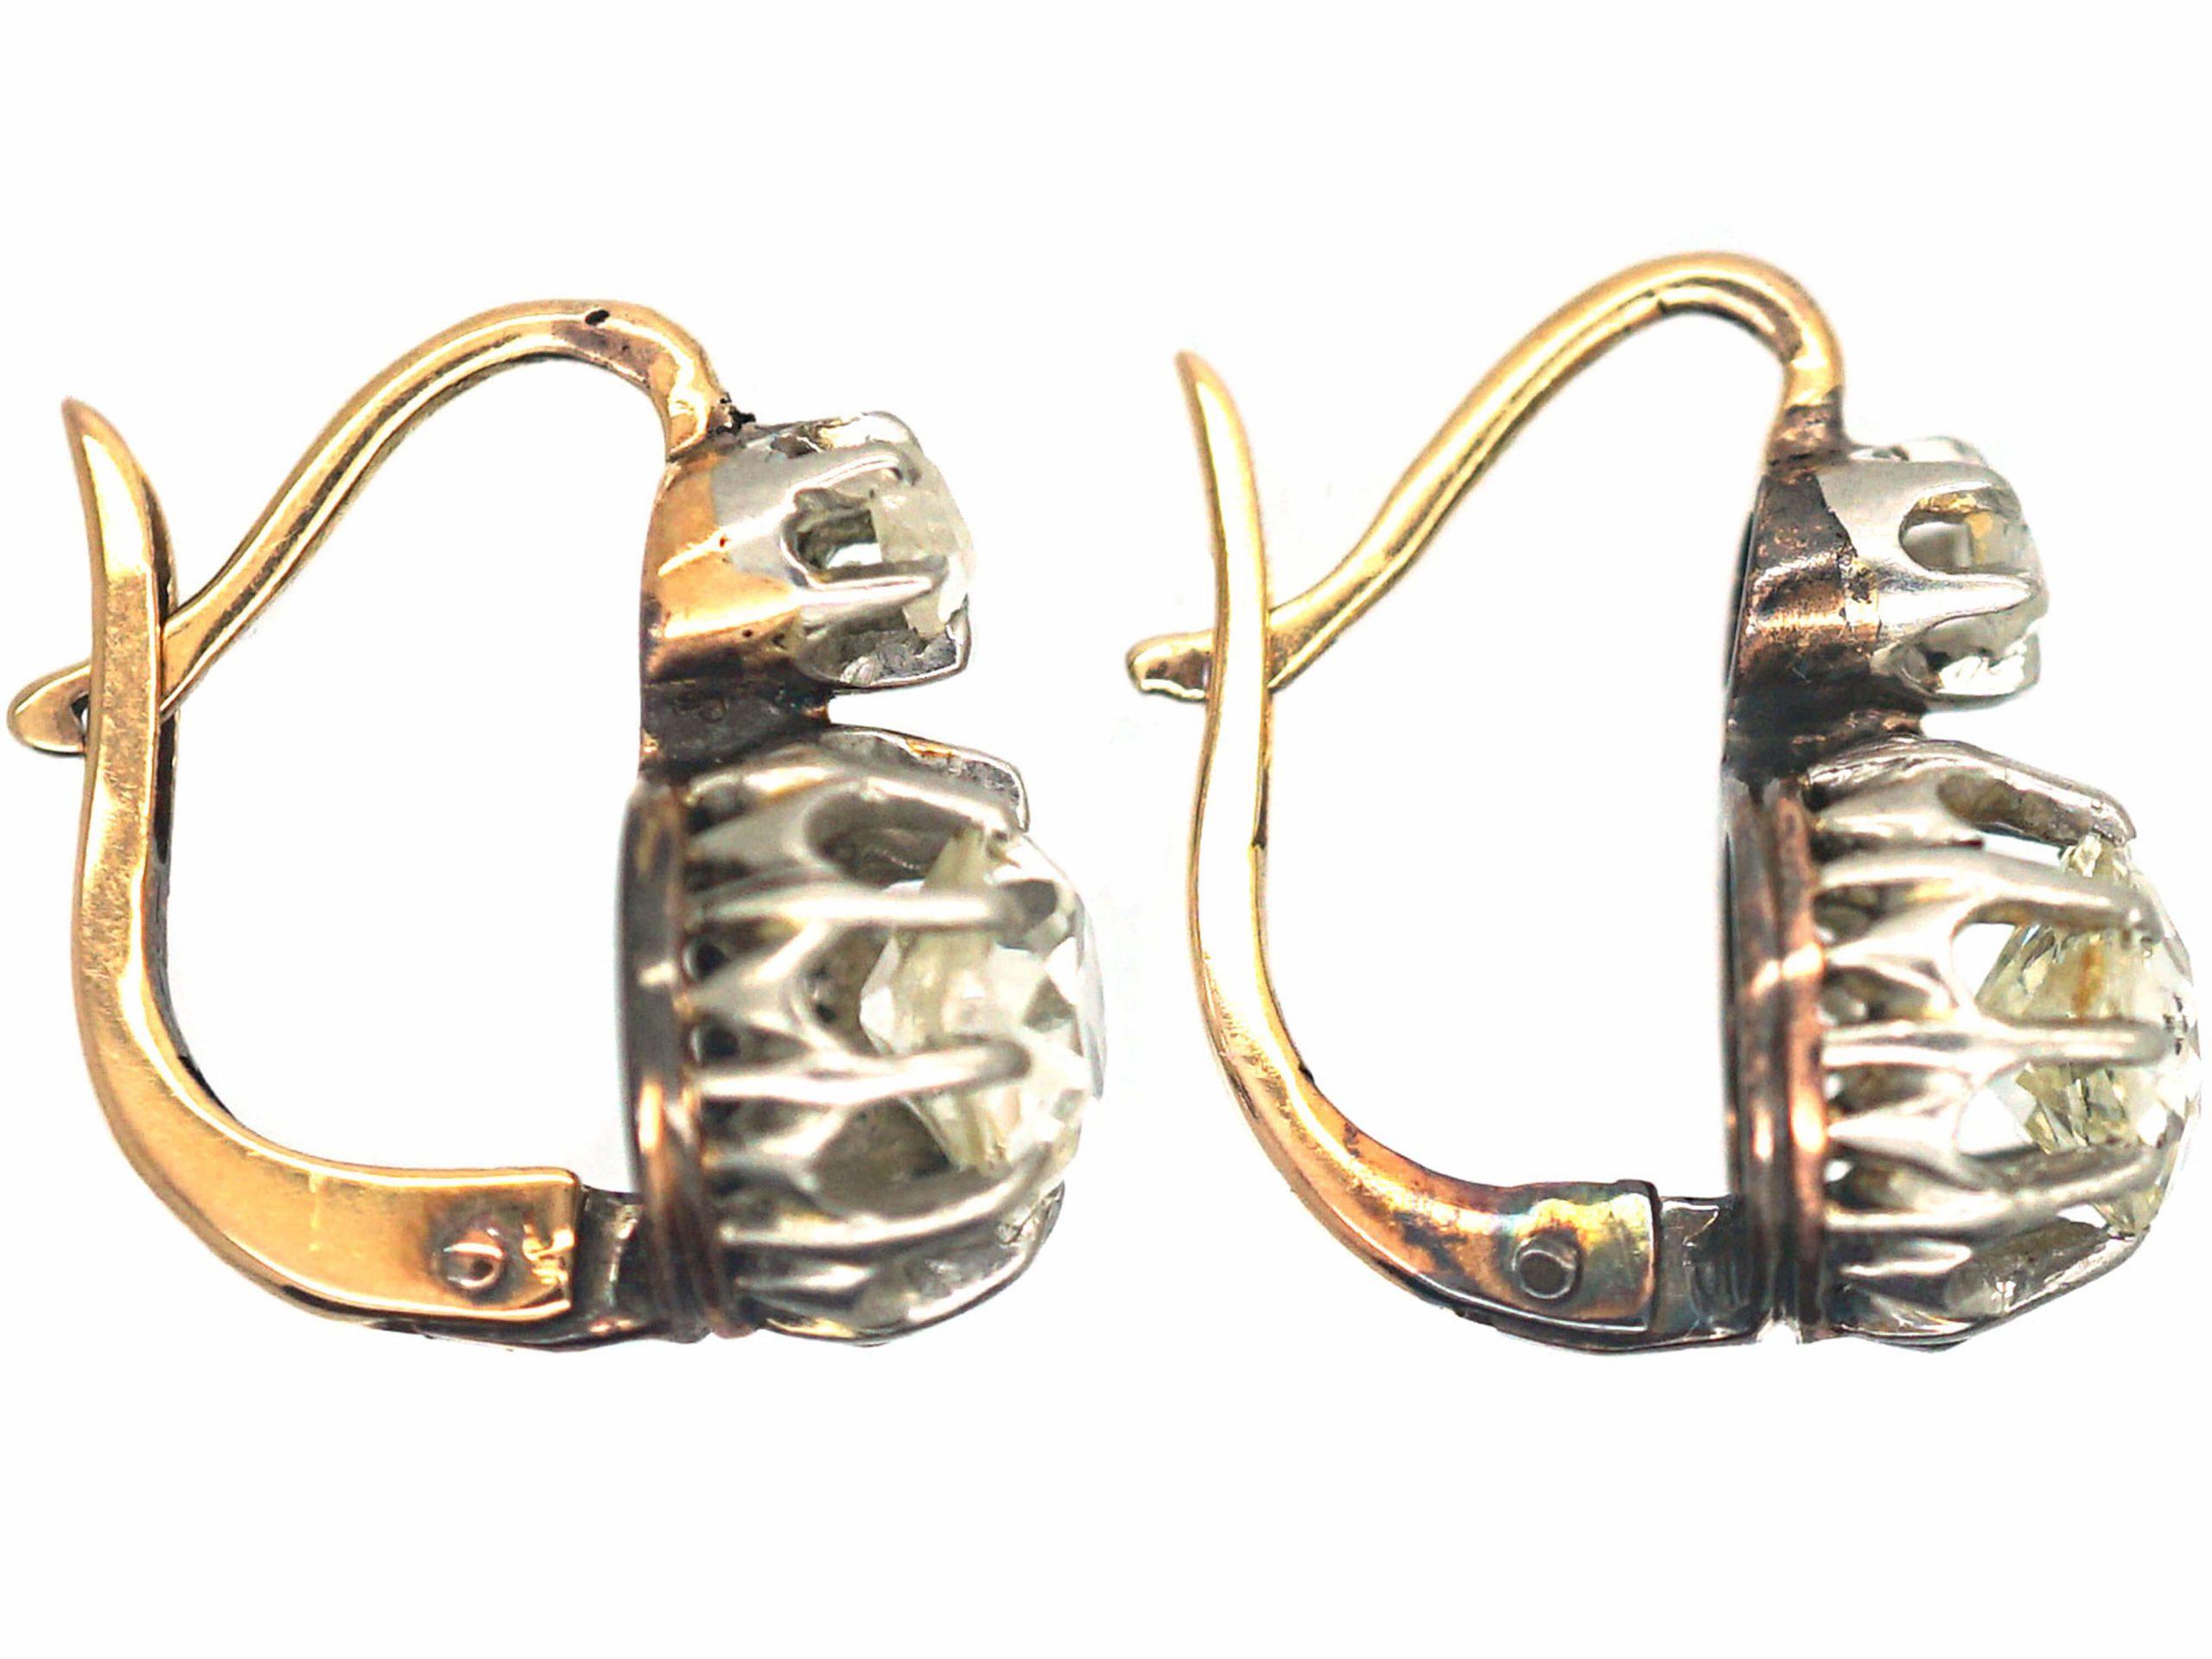 French Dormeuse Diamond Earrings